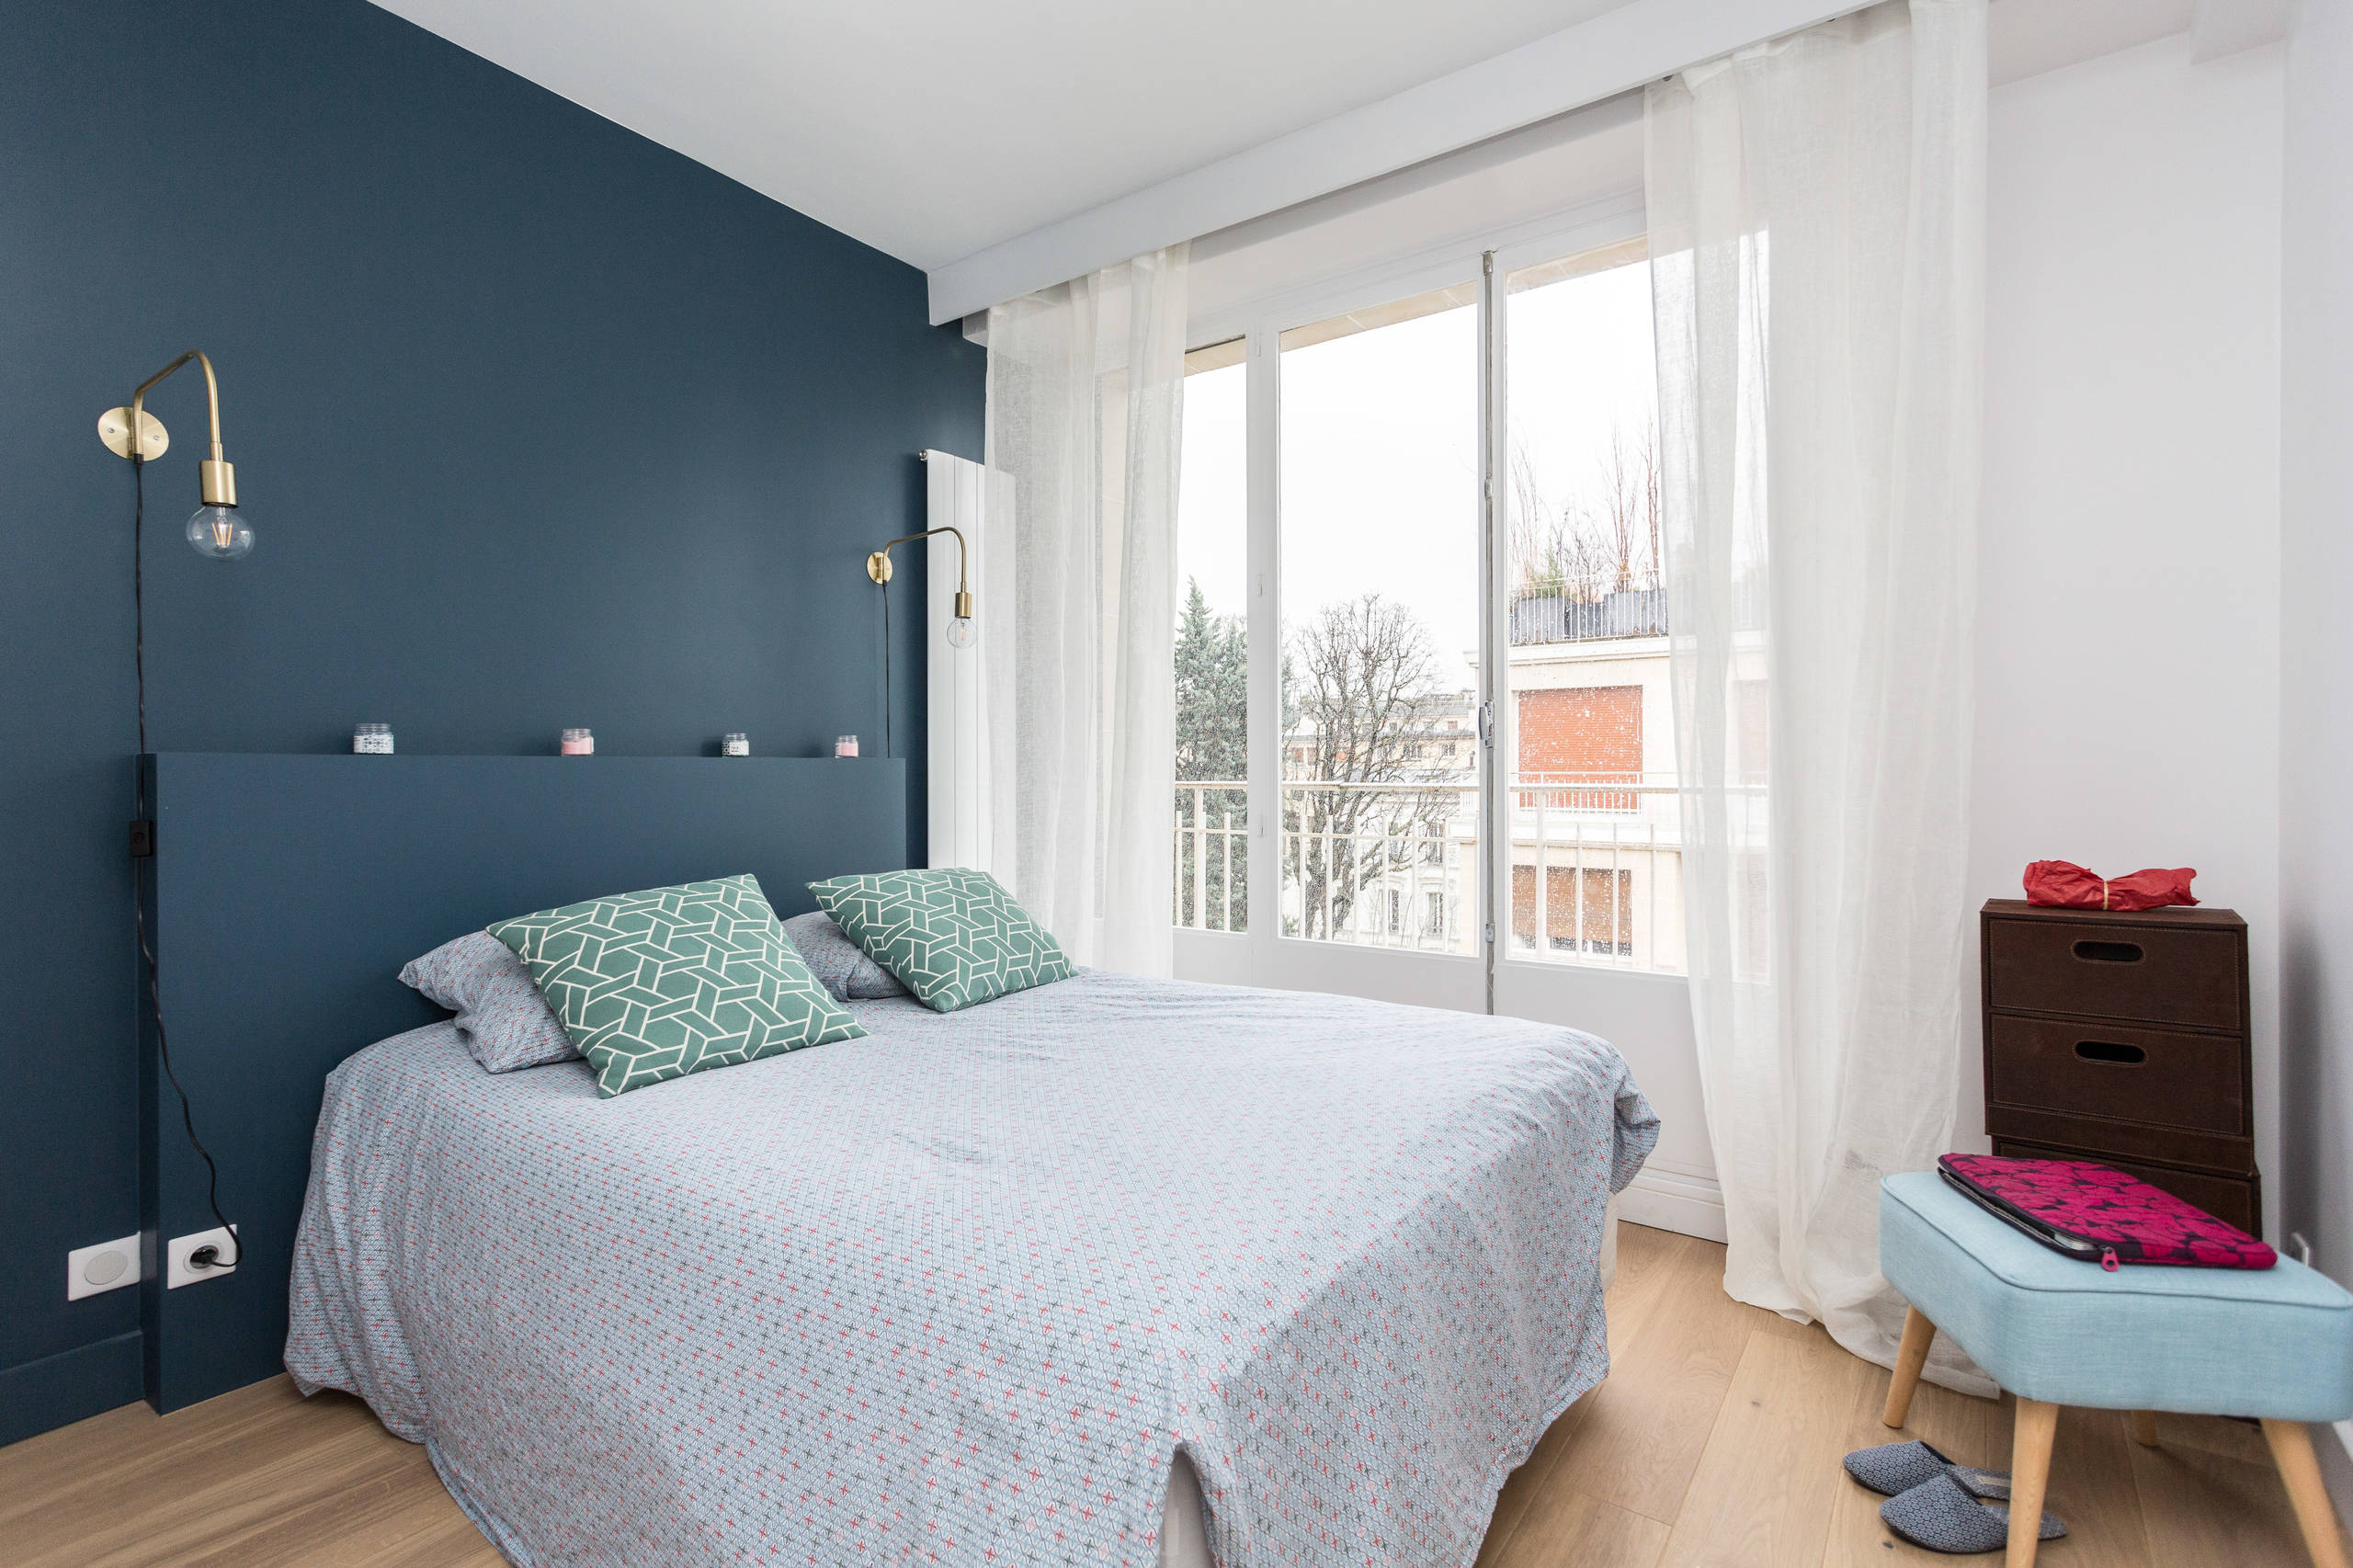 Dark Teal Bedroom Ideas And Photos Houzz